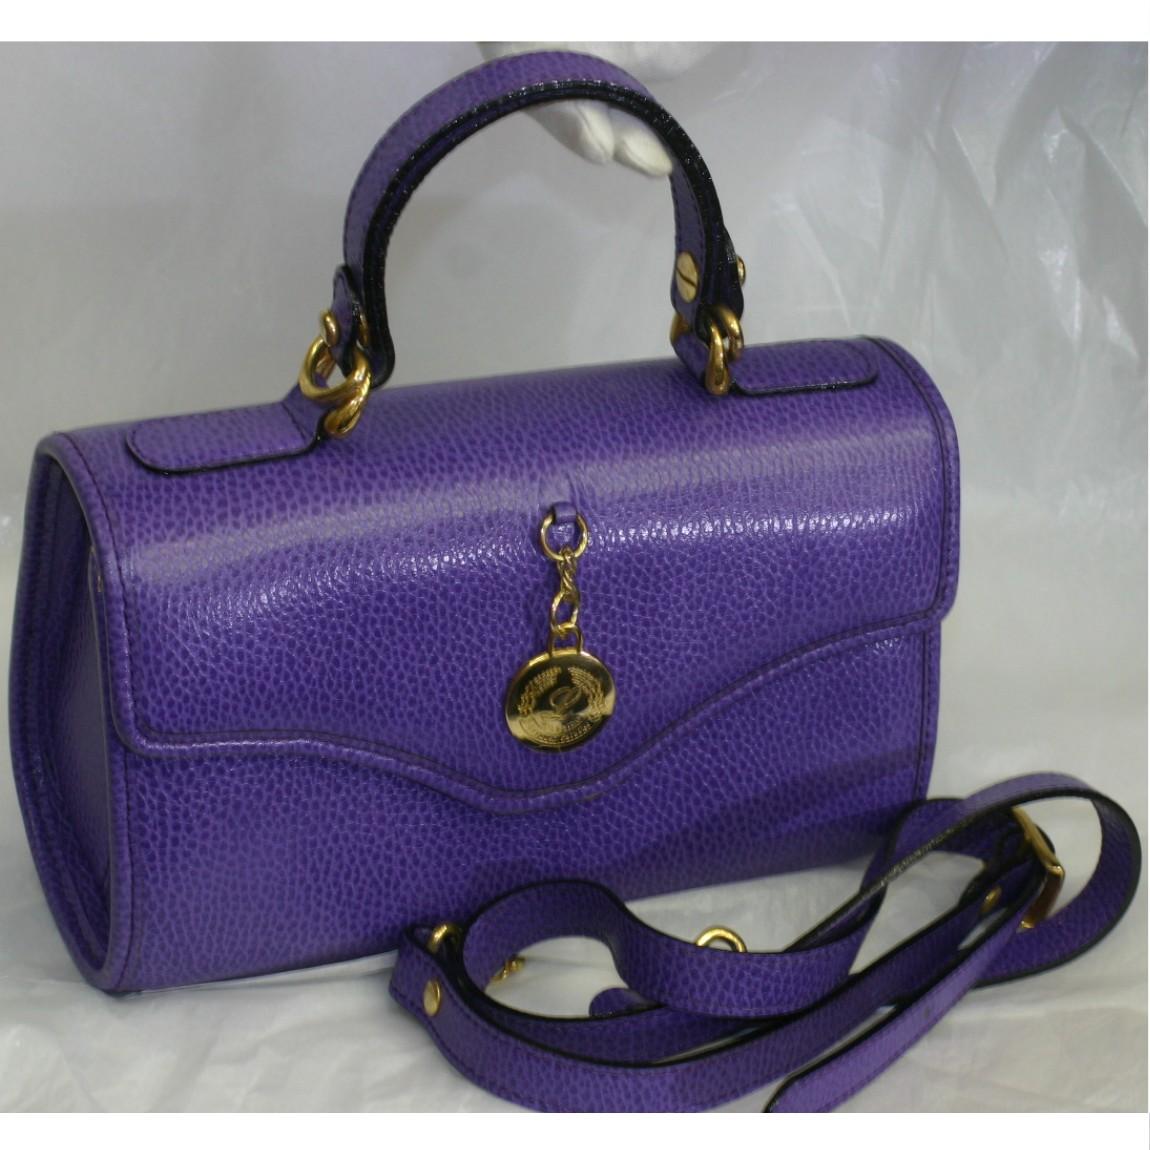 【中古】本物綺麗北海道ラベンダーパラダイスロゴマークの女性用綺麗な紫色革のバッグ取り外し可能なショルダーストラップ付 サイズW24H15D10,5cm